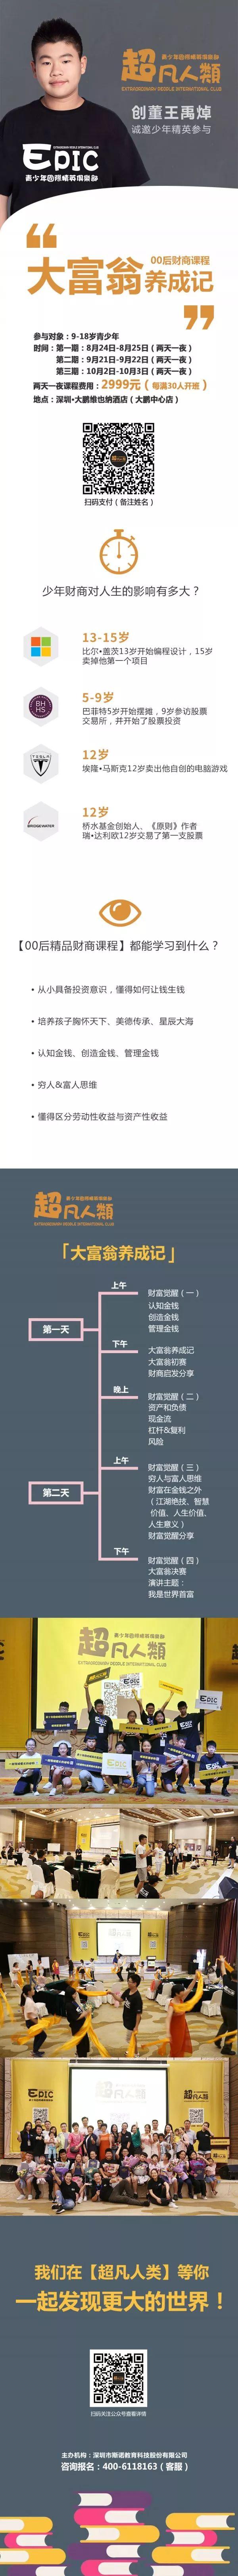 13岁少年创业者麦皓钧:与生俱来的财商思维插图(7)